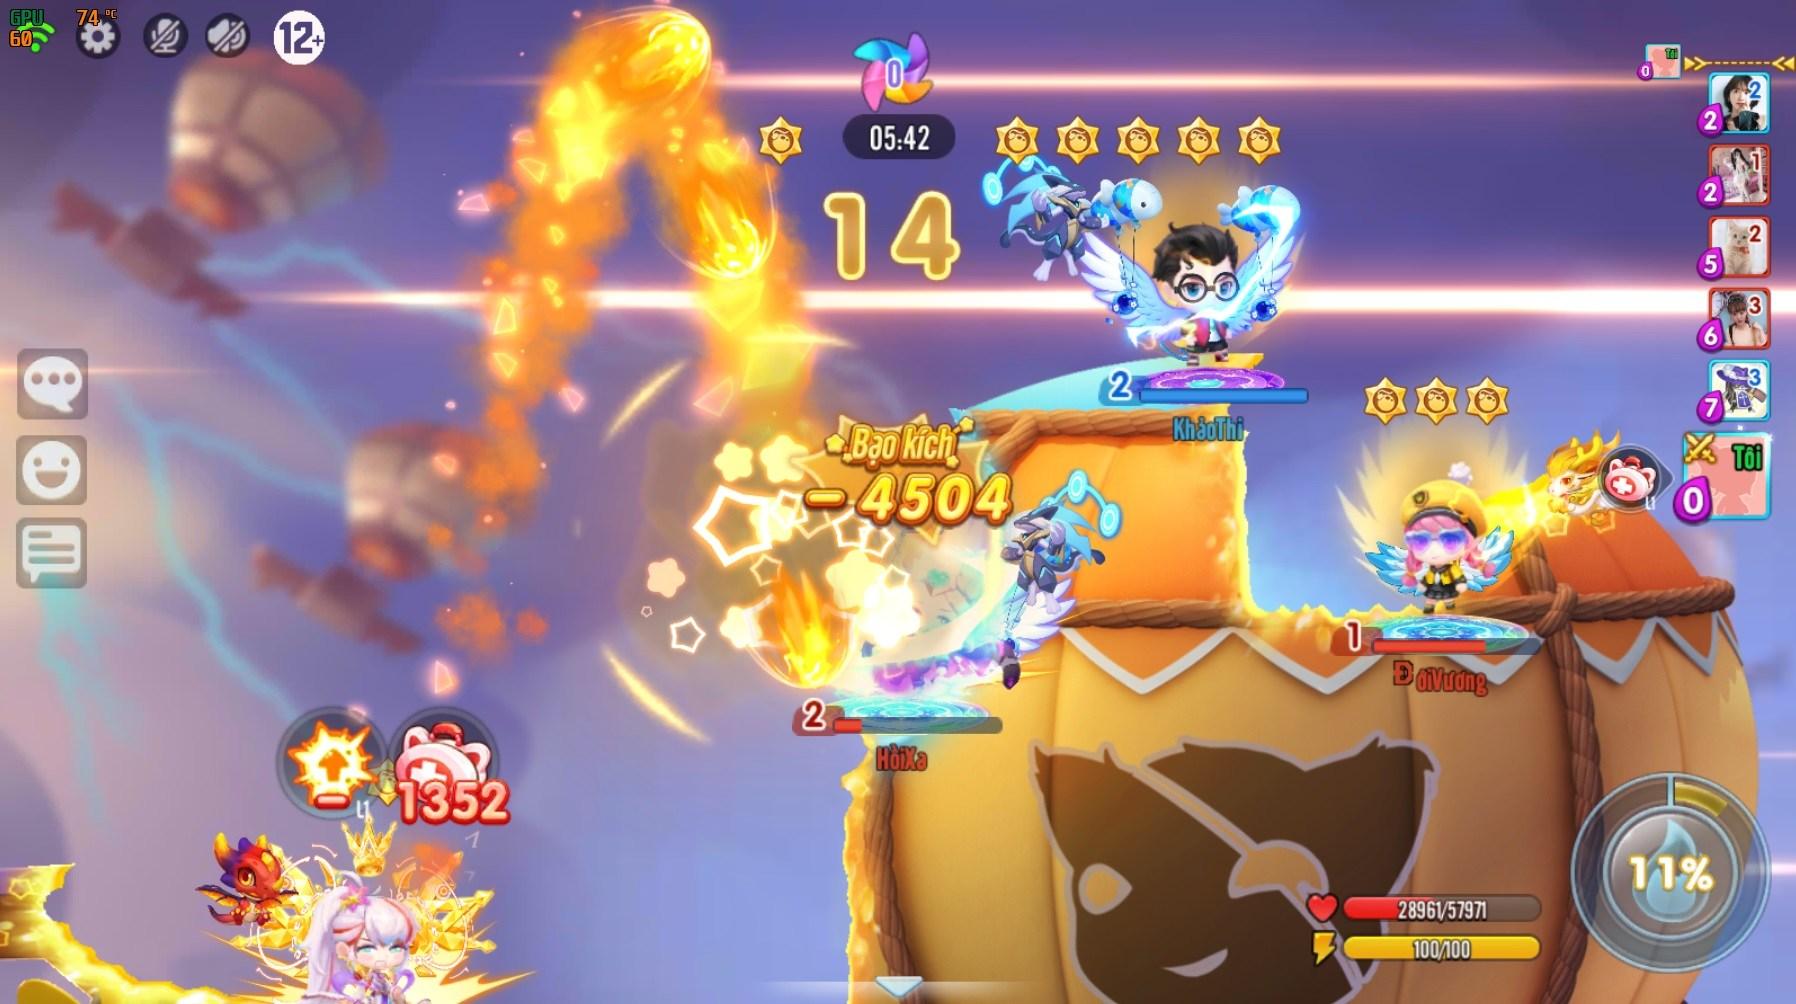 VTC Game phát hành Gun Star, game mobile bắn súng tọa độ pha trộn sinh tồn